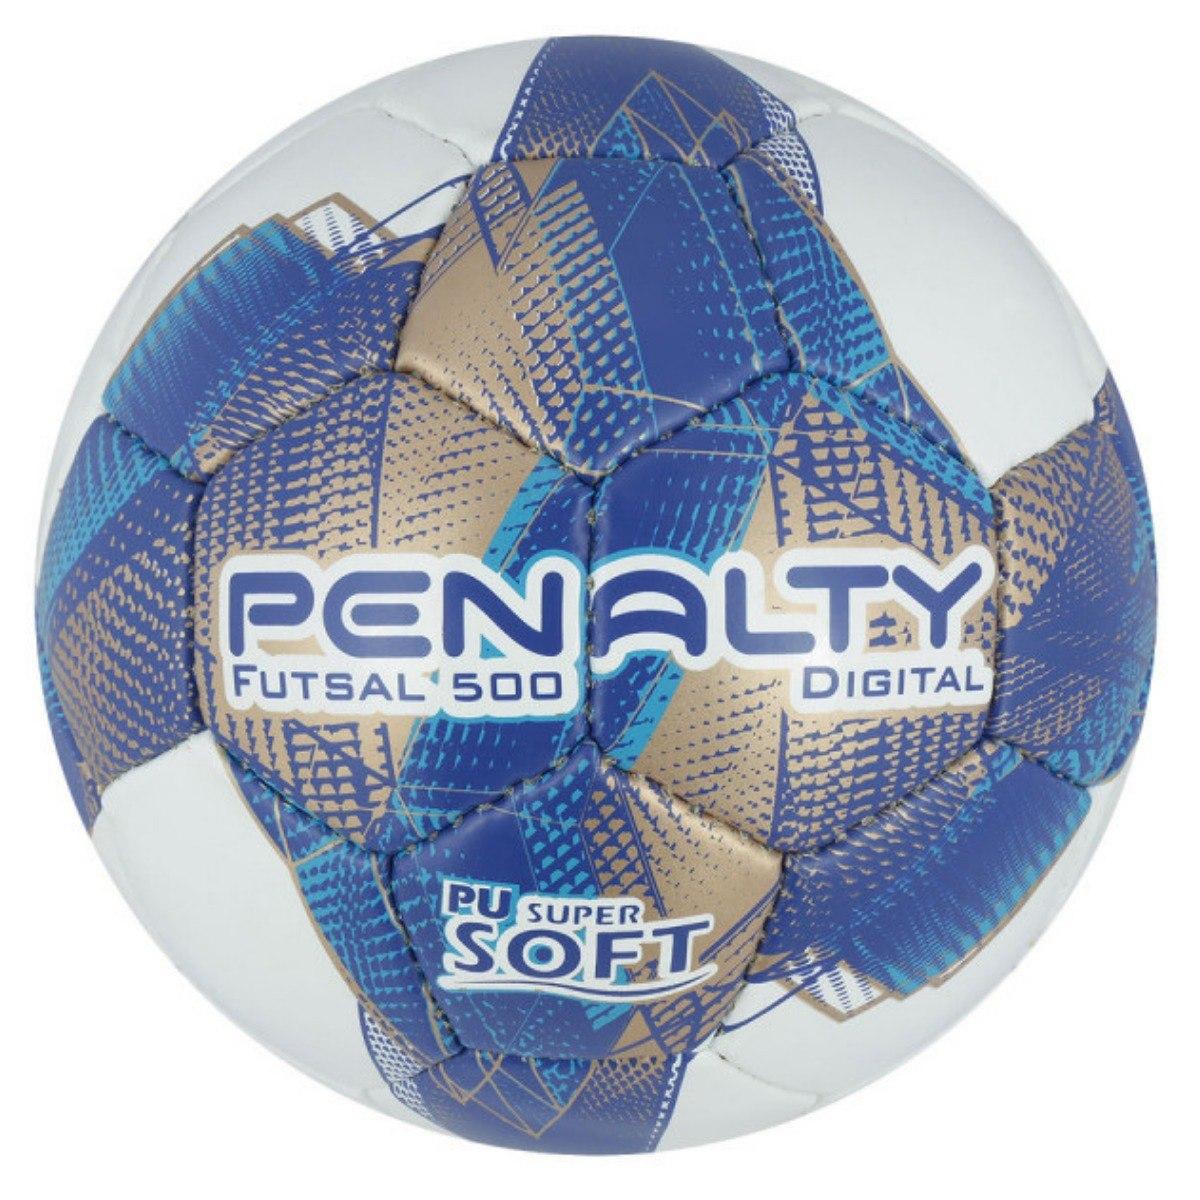 bola futsal penalty digital 500 com costura à mão 7 - branco. Carregando  zoom. 2a91f76a615bb